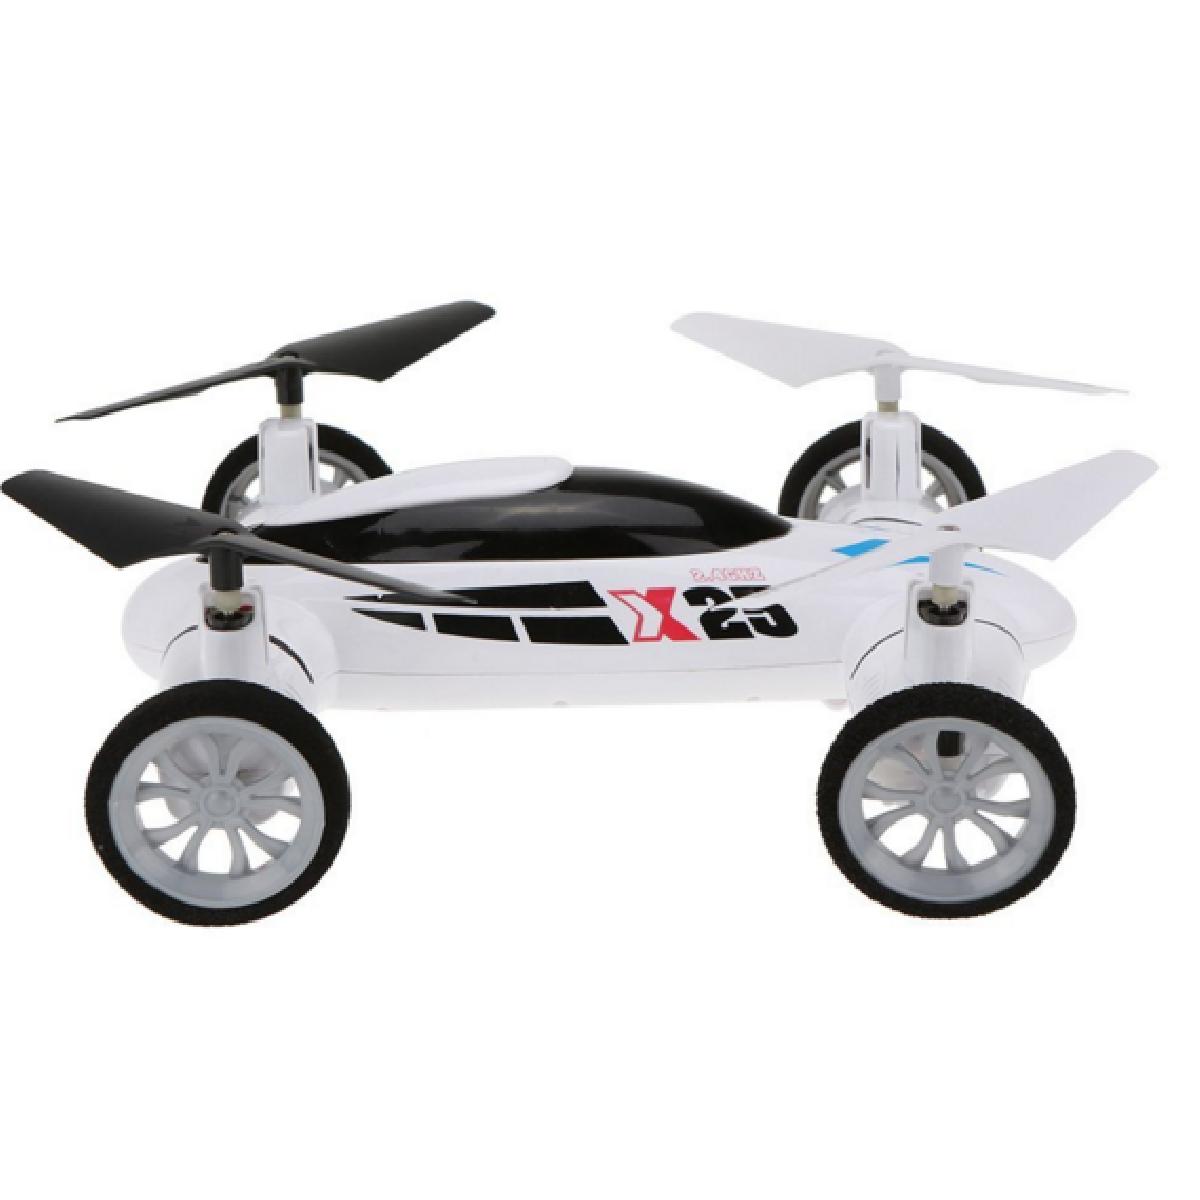 cadeaux 2 ouf id es de cadeaux insolites et originaux la voiture volante ou le drone qui roule. Black Bedroom Furniture Sets. Home Design Ideas